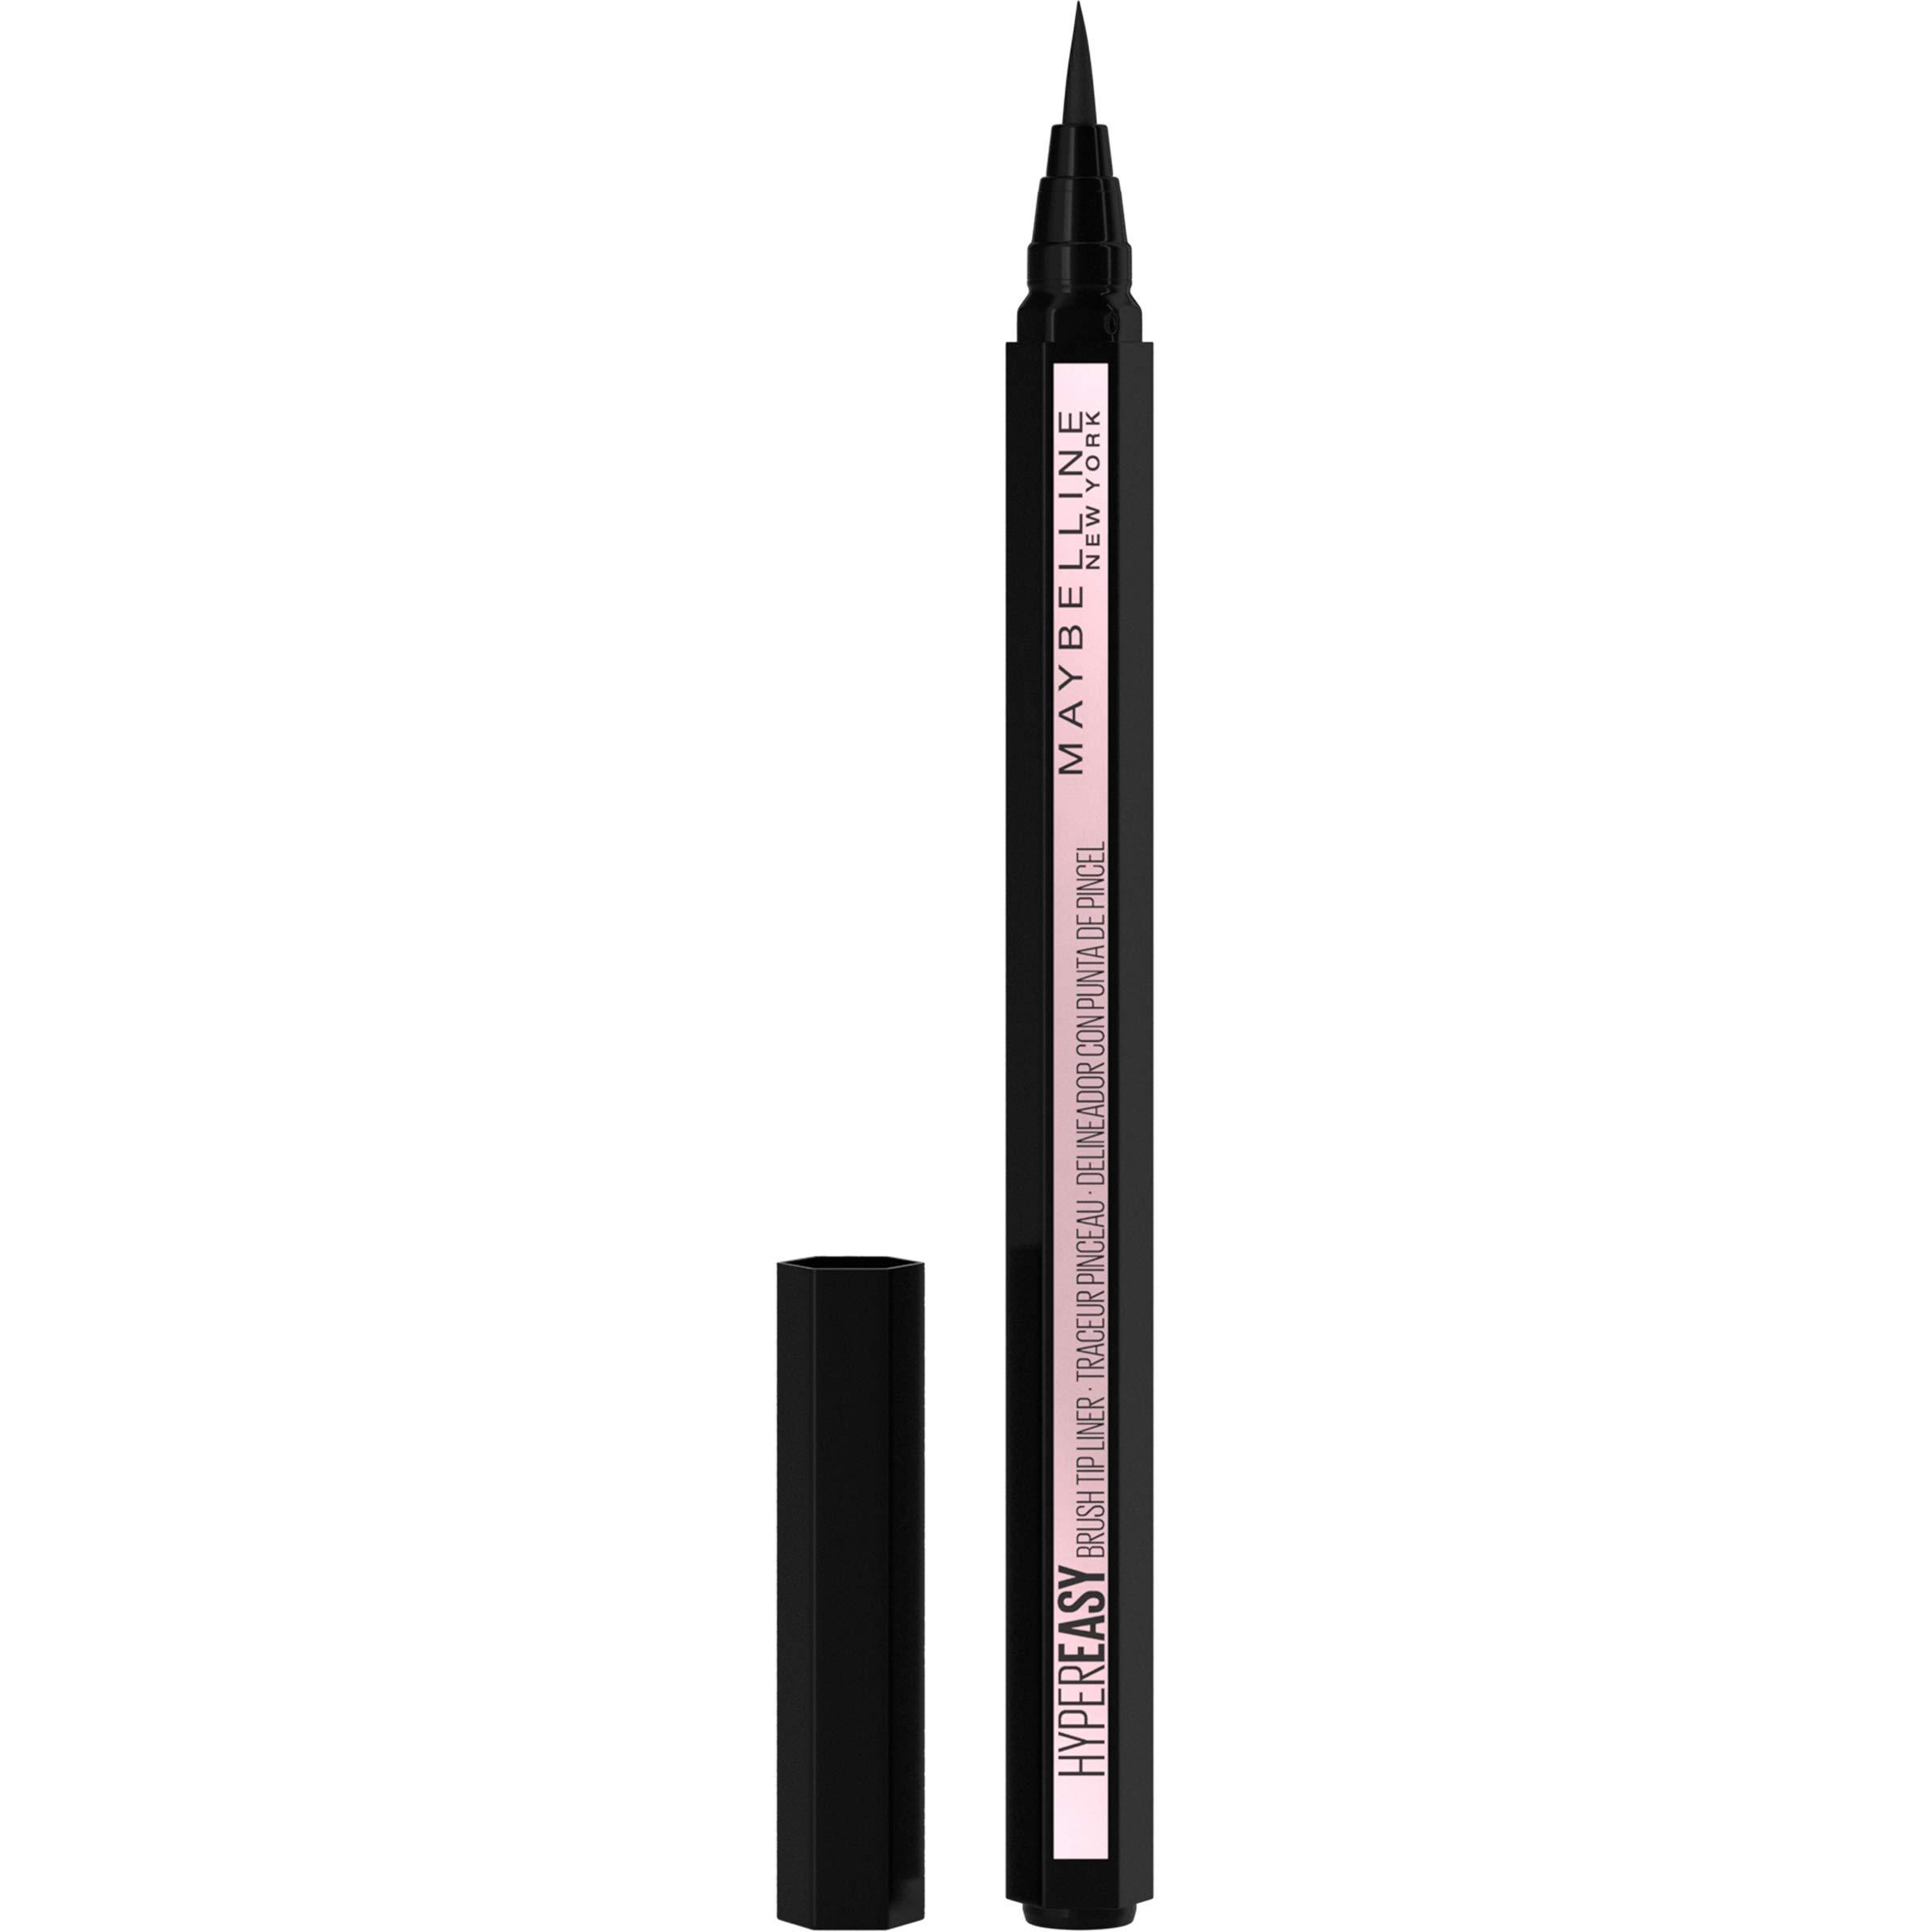 MAYBELLINE Hyper Easy Liquid Pen No-Skip Eyeliner, Satin Finish, Waterproof Formula, Eye Liner Makeup, Pitch Black, 0.018 Fl; Oz